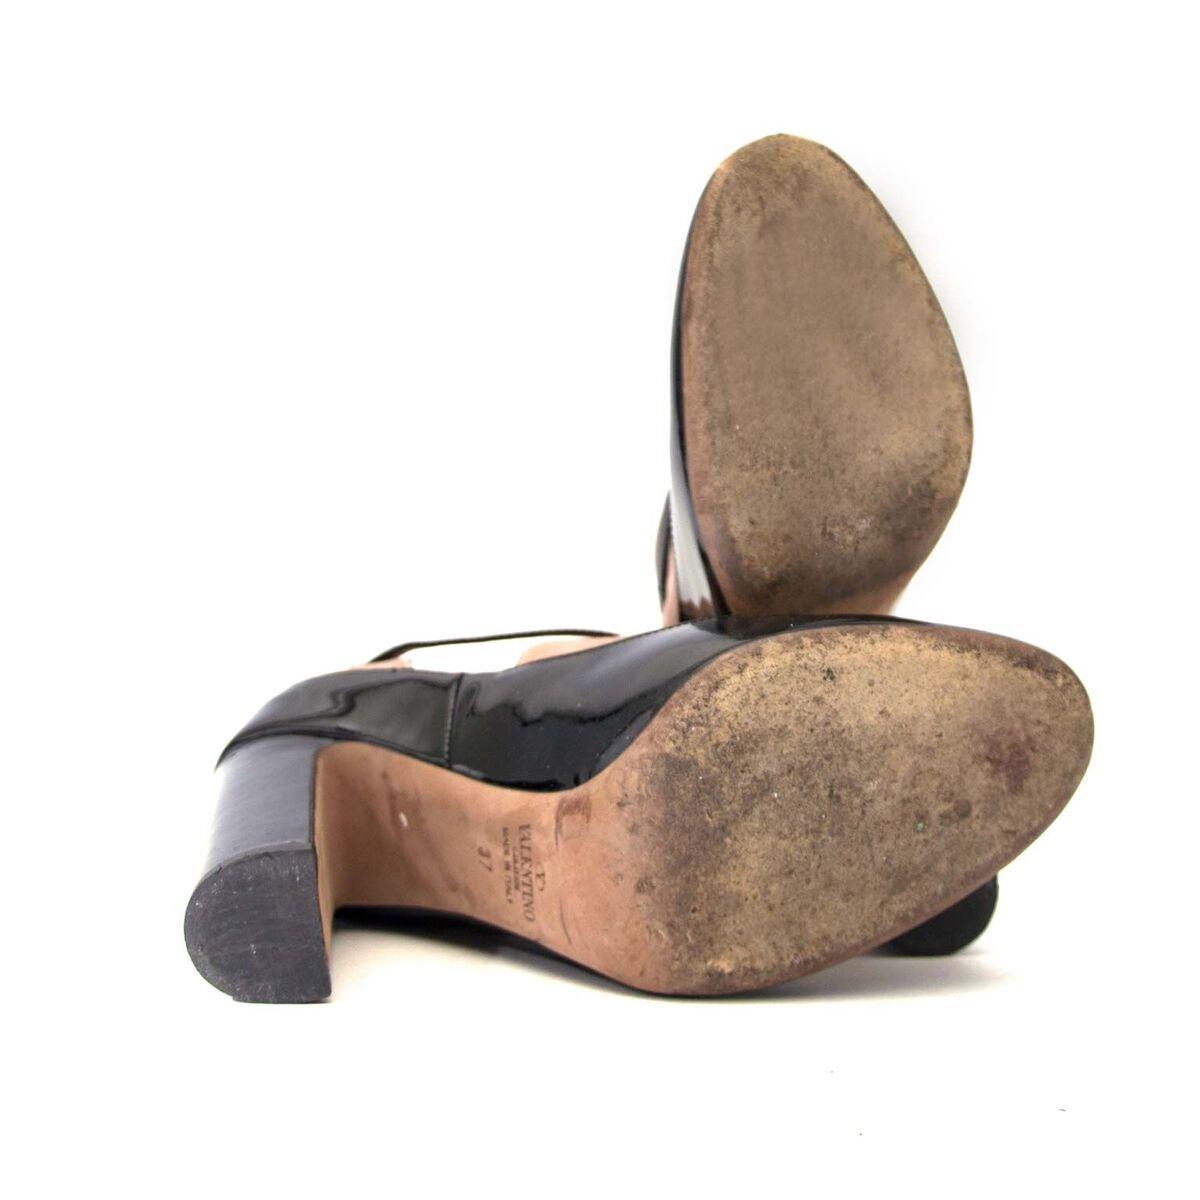 Koop authentieke tweedehands Valentino hakken aan een eerlijke prijs bij LabelLOV. Veilig online shoppen.